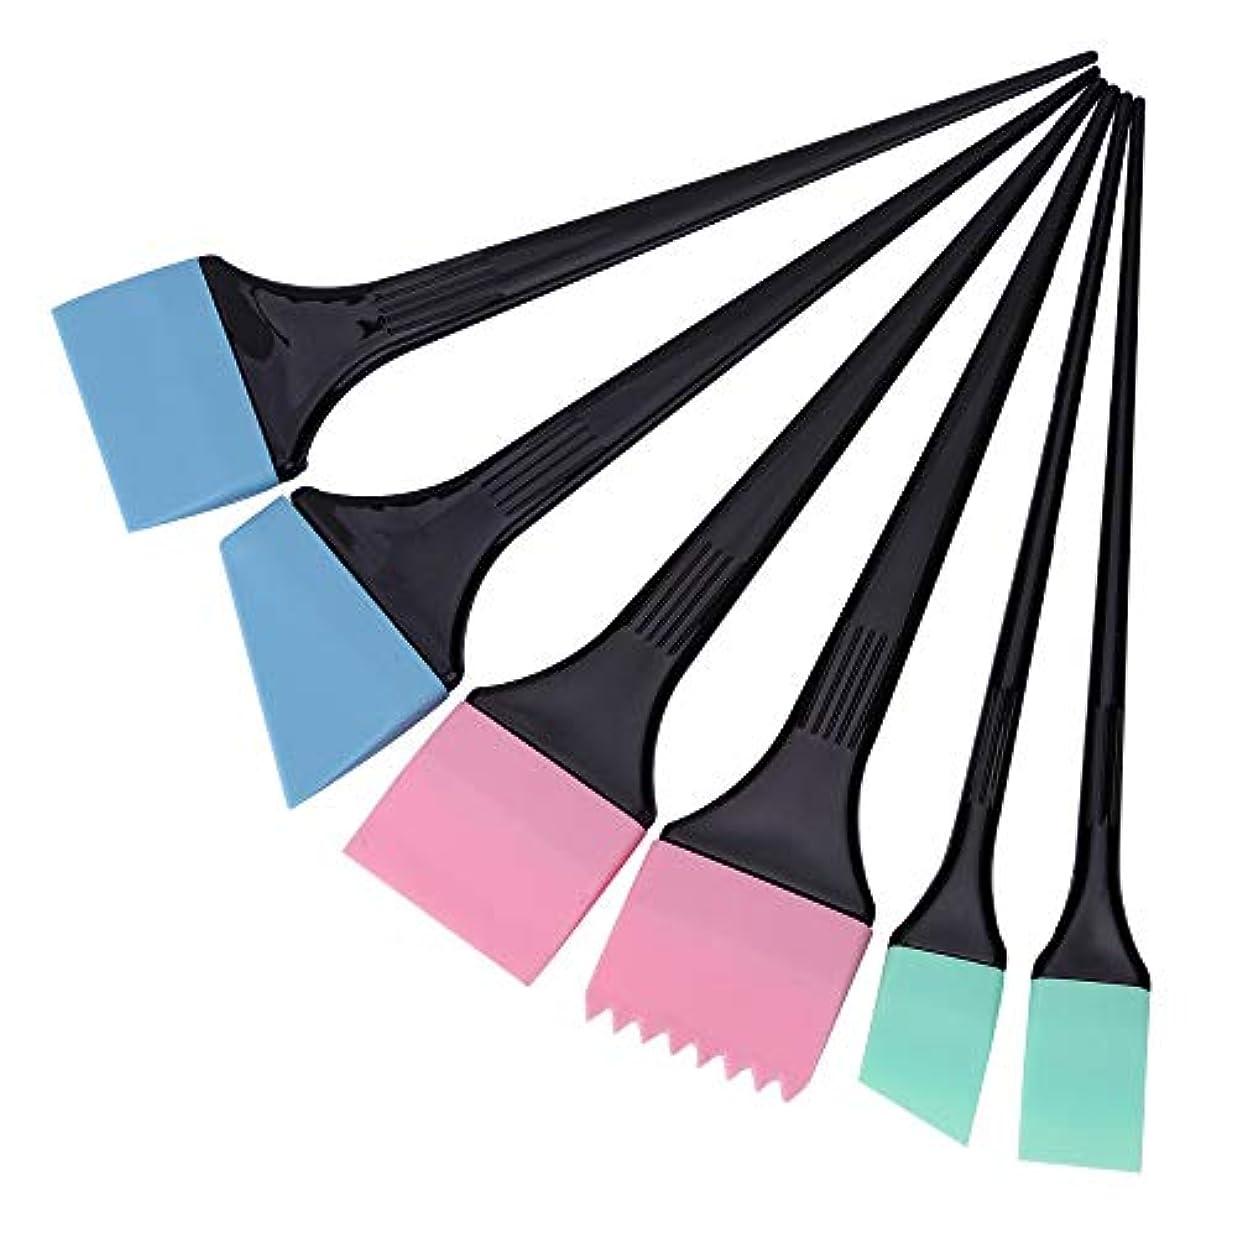 傾向がある分解するアフリカ人ヘアダイコーム&ブラシ 毛染めブラシ 6本/セット 着色櫛キット プロサロン 理髪スタイリングツール へアカラーセット グリーン